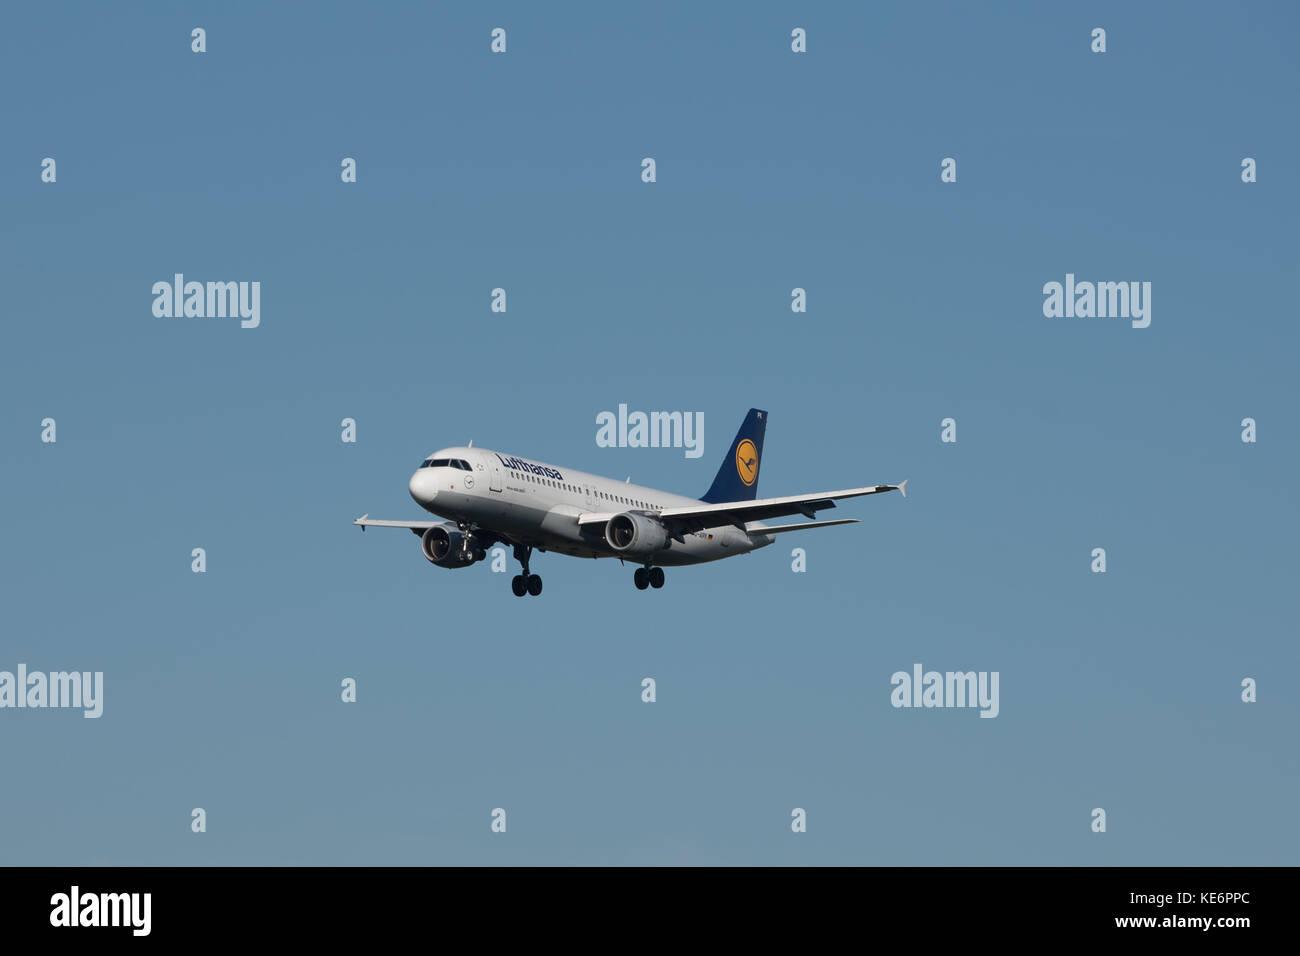 Reisen, Deutschland, Hessen, Frankfurt am Main, Flughafen, October 18. Eine Airbus A320-211 mit der Kennung D-AIPK Stock Photo